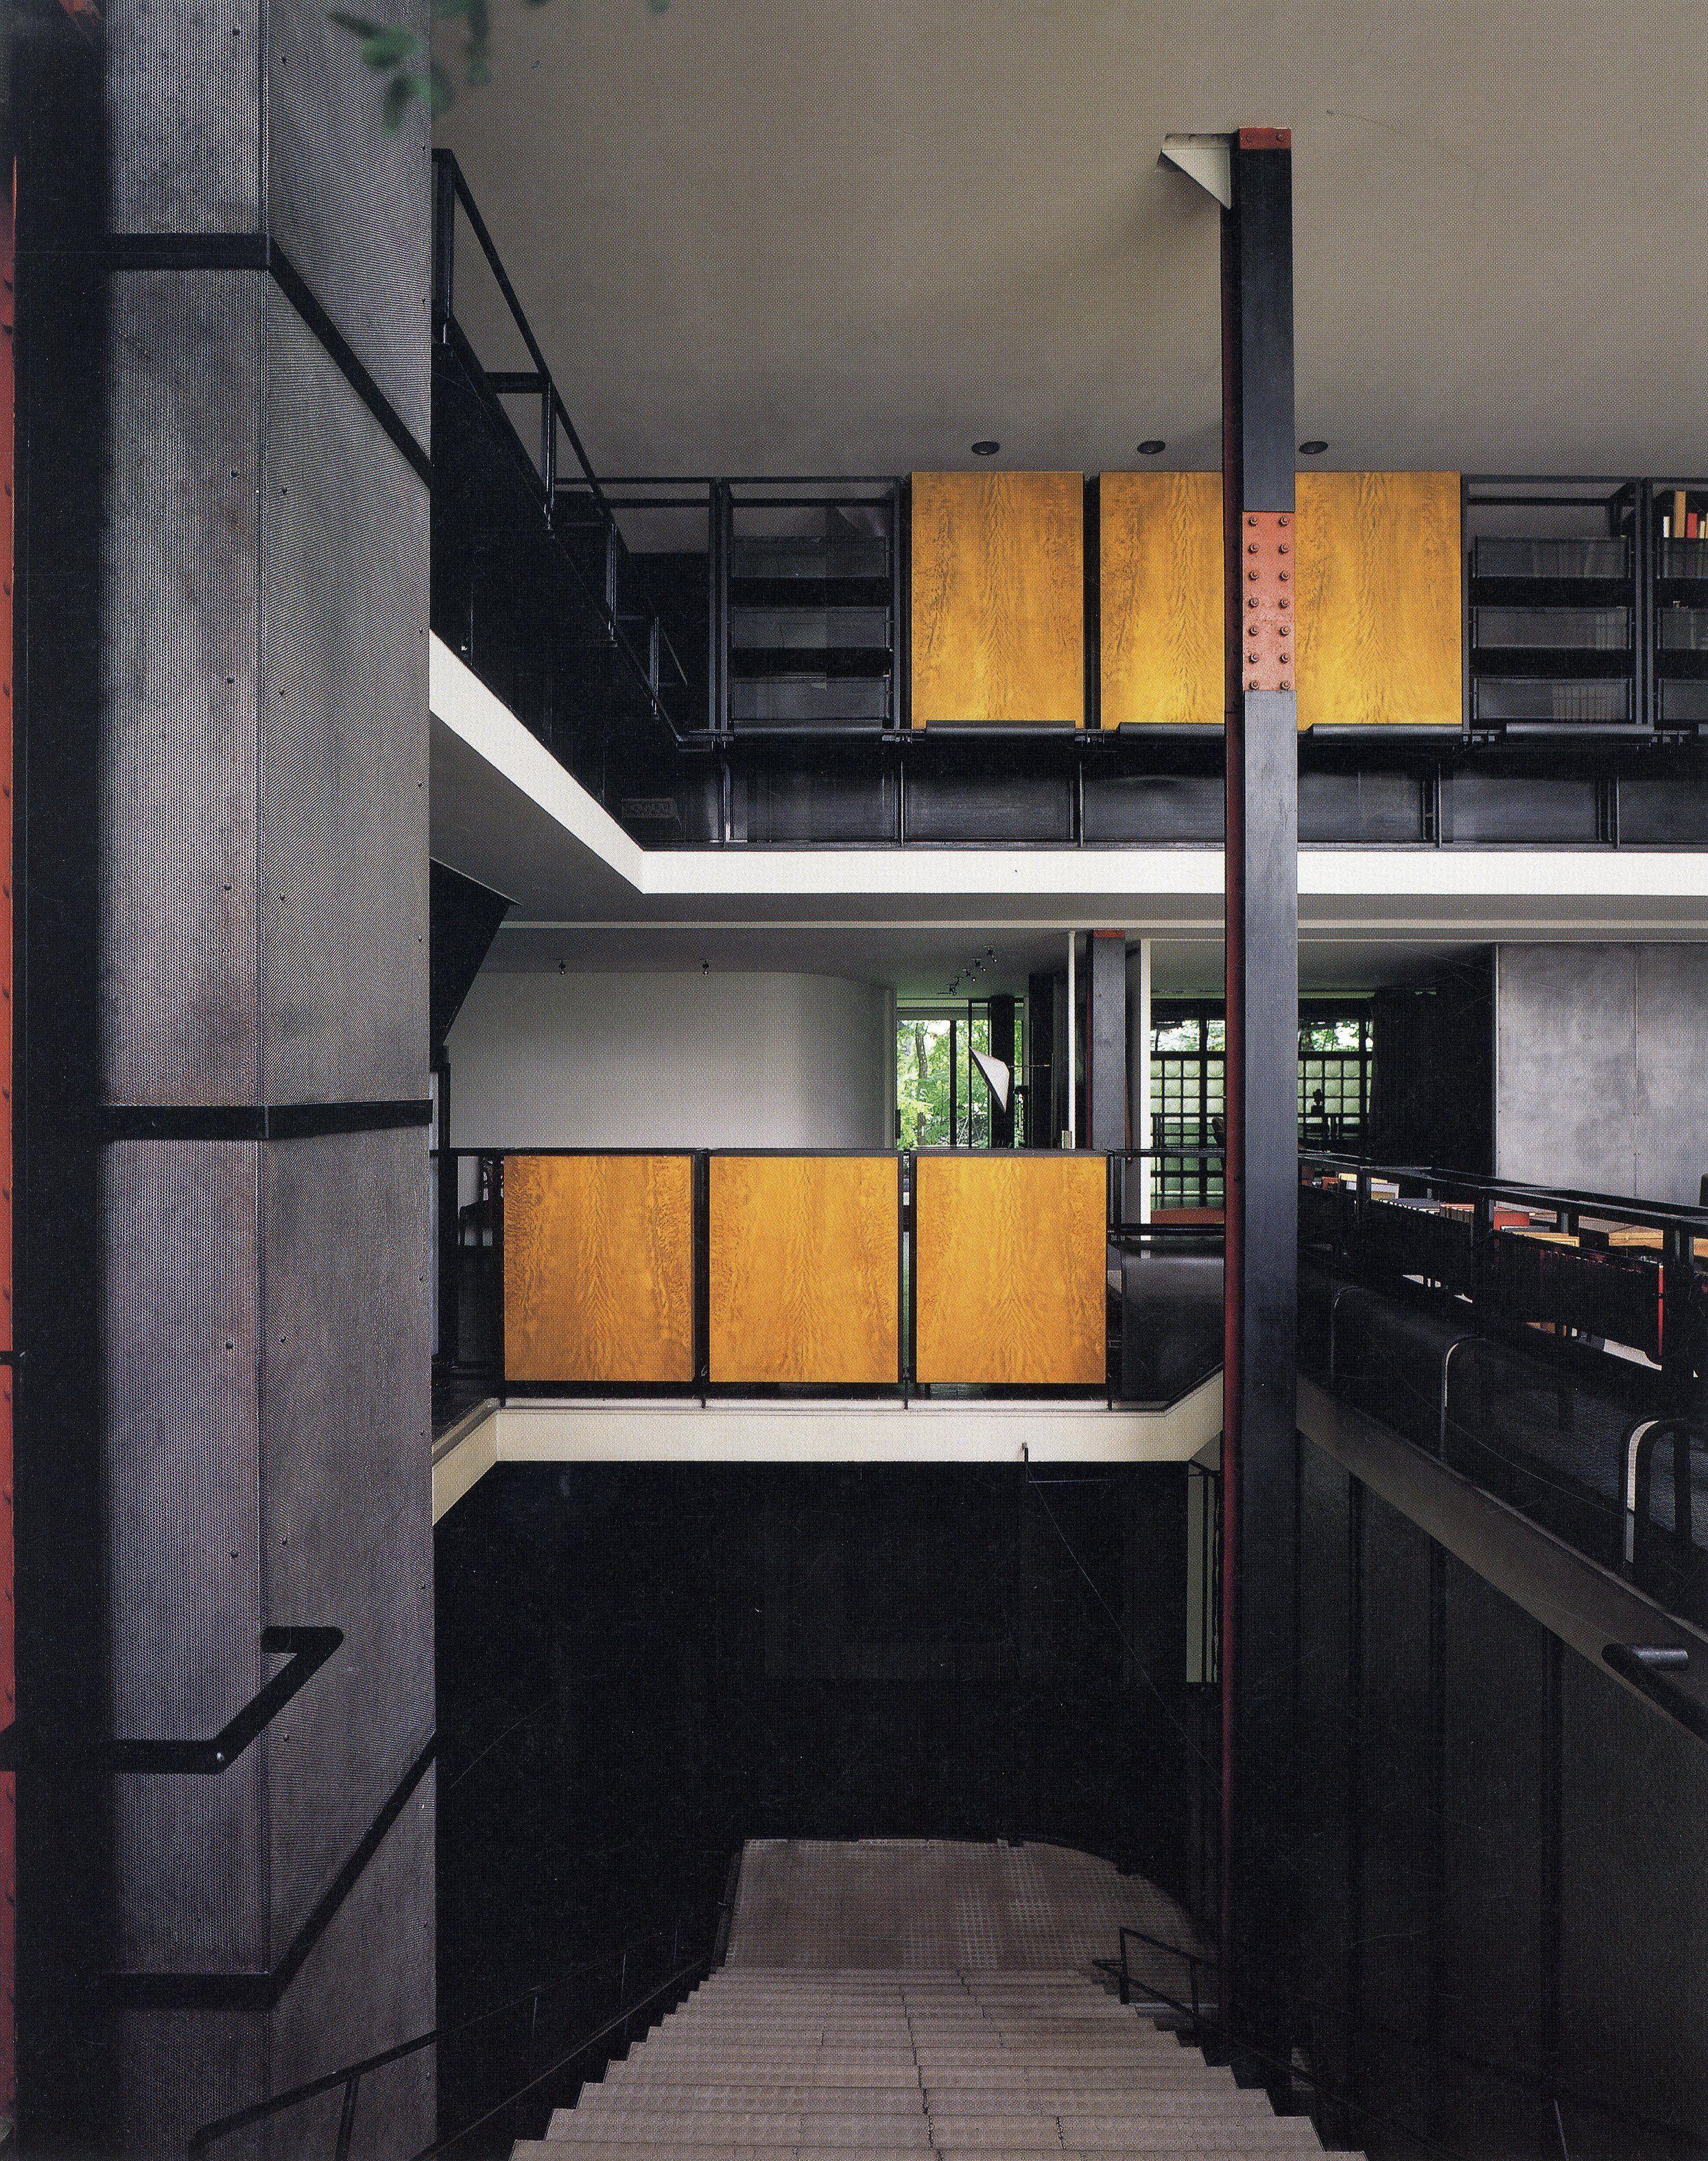 Pierre chareau 39 s maison de verre built in paris in 1928 - Maison de verre paris visite ...